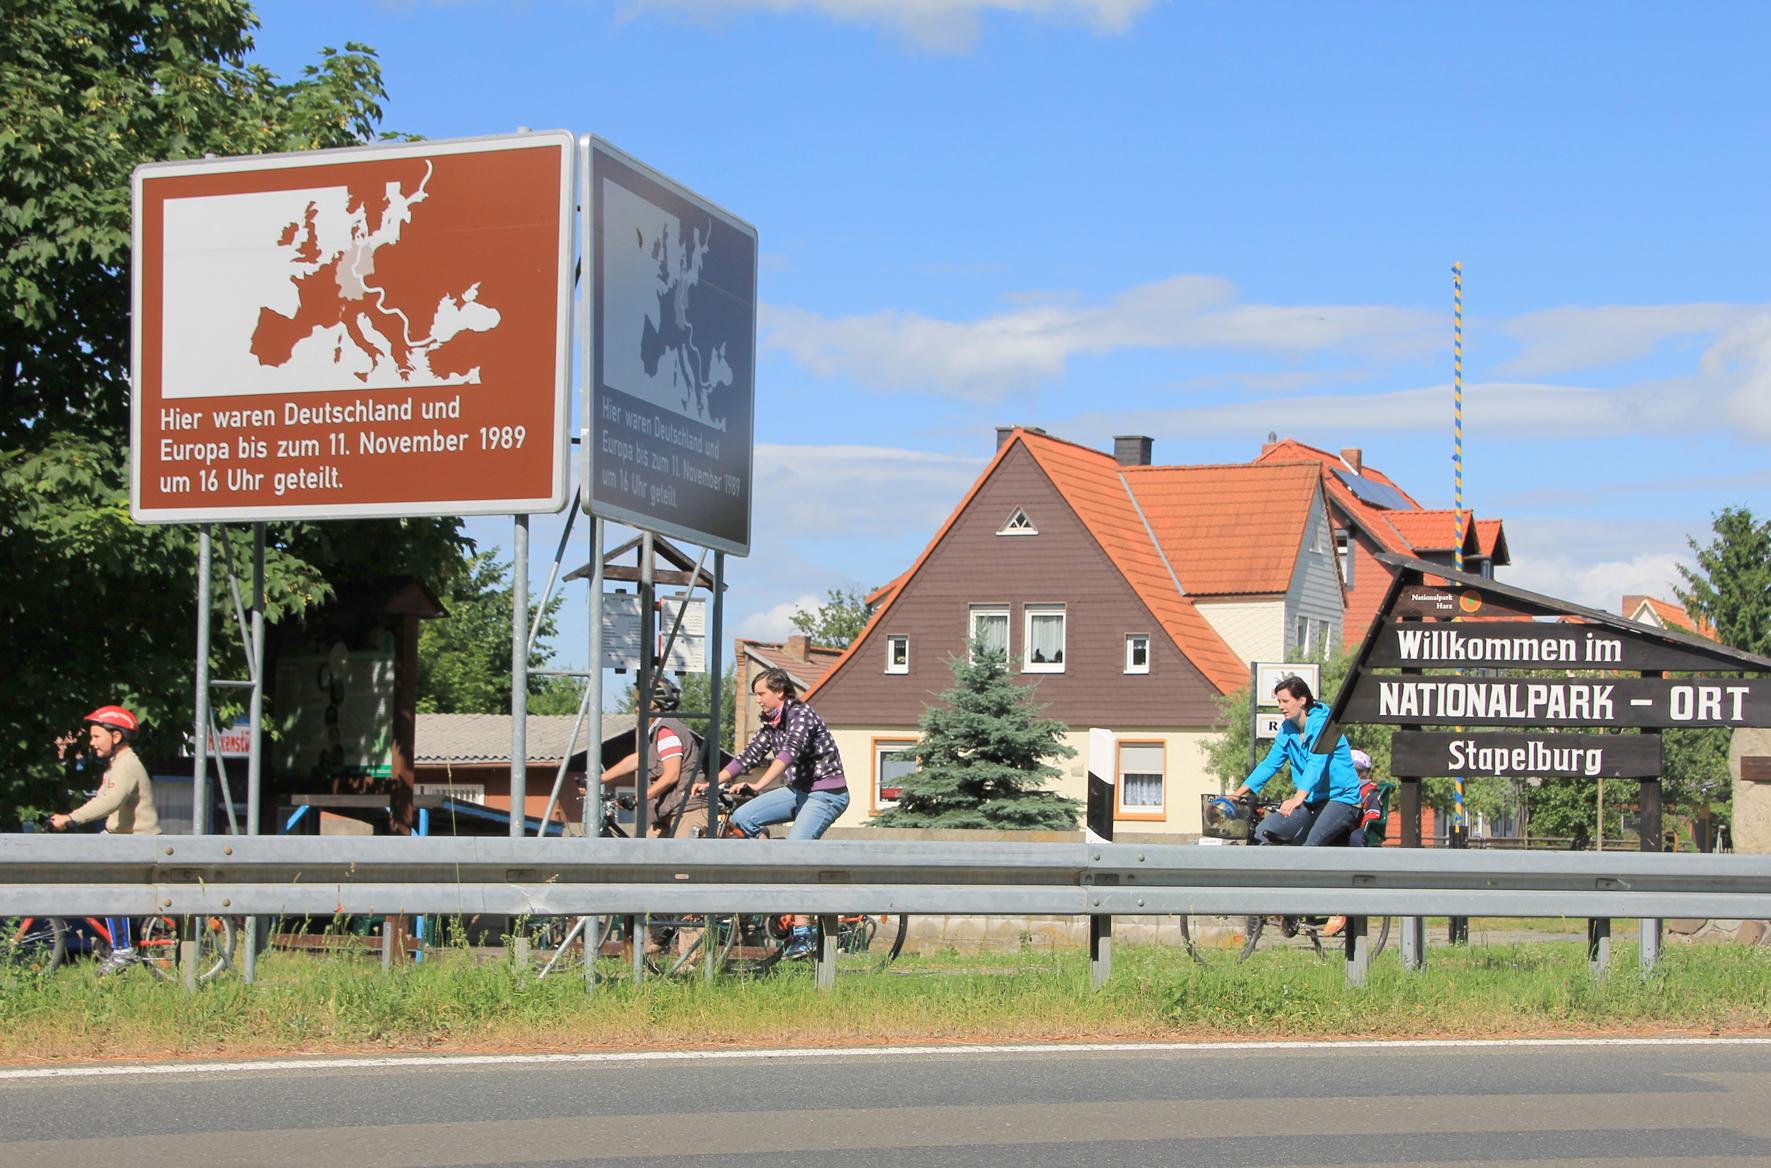 Stapelburg 2013: Ohne das Schild wäre die innerdeutsche Grenze kaum noch erkennbar.